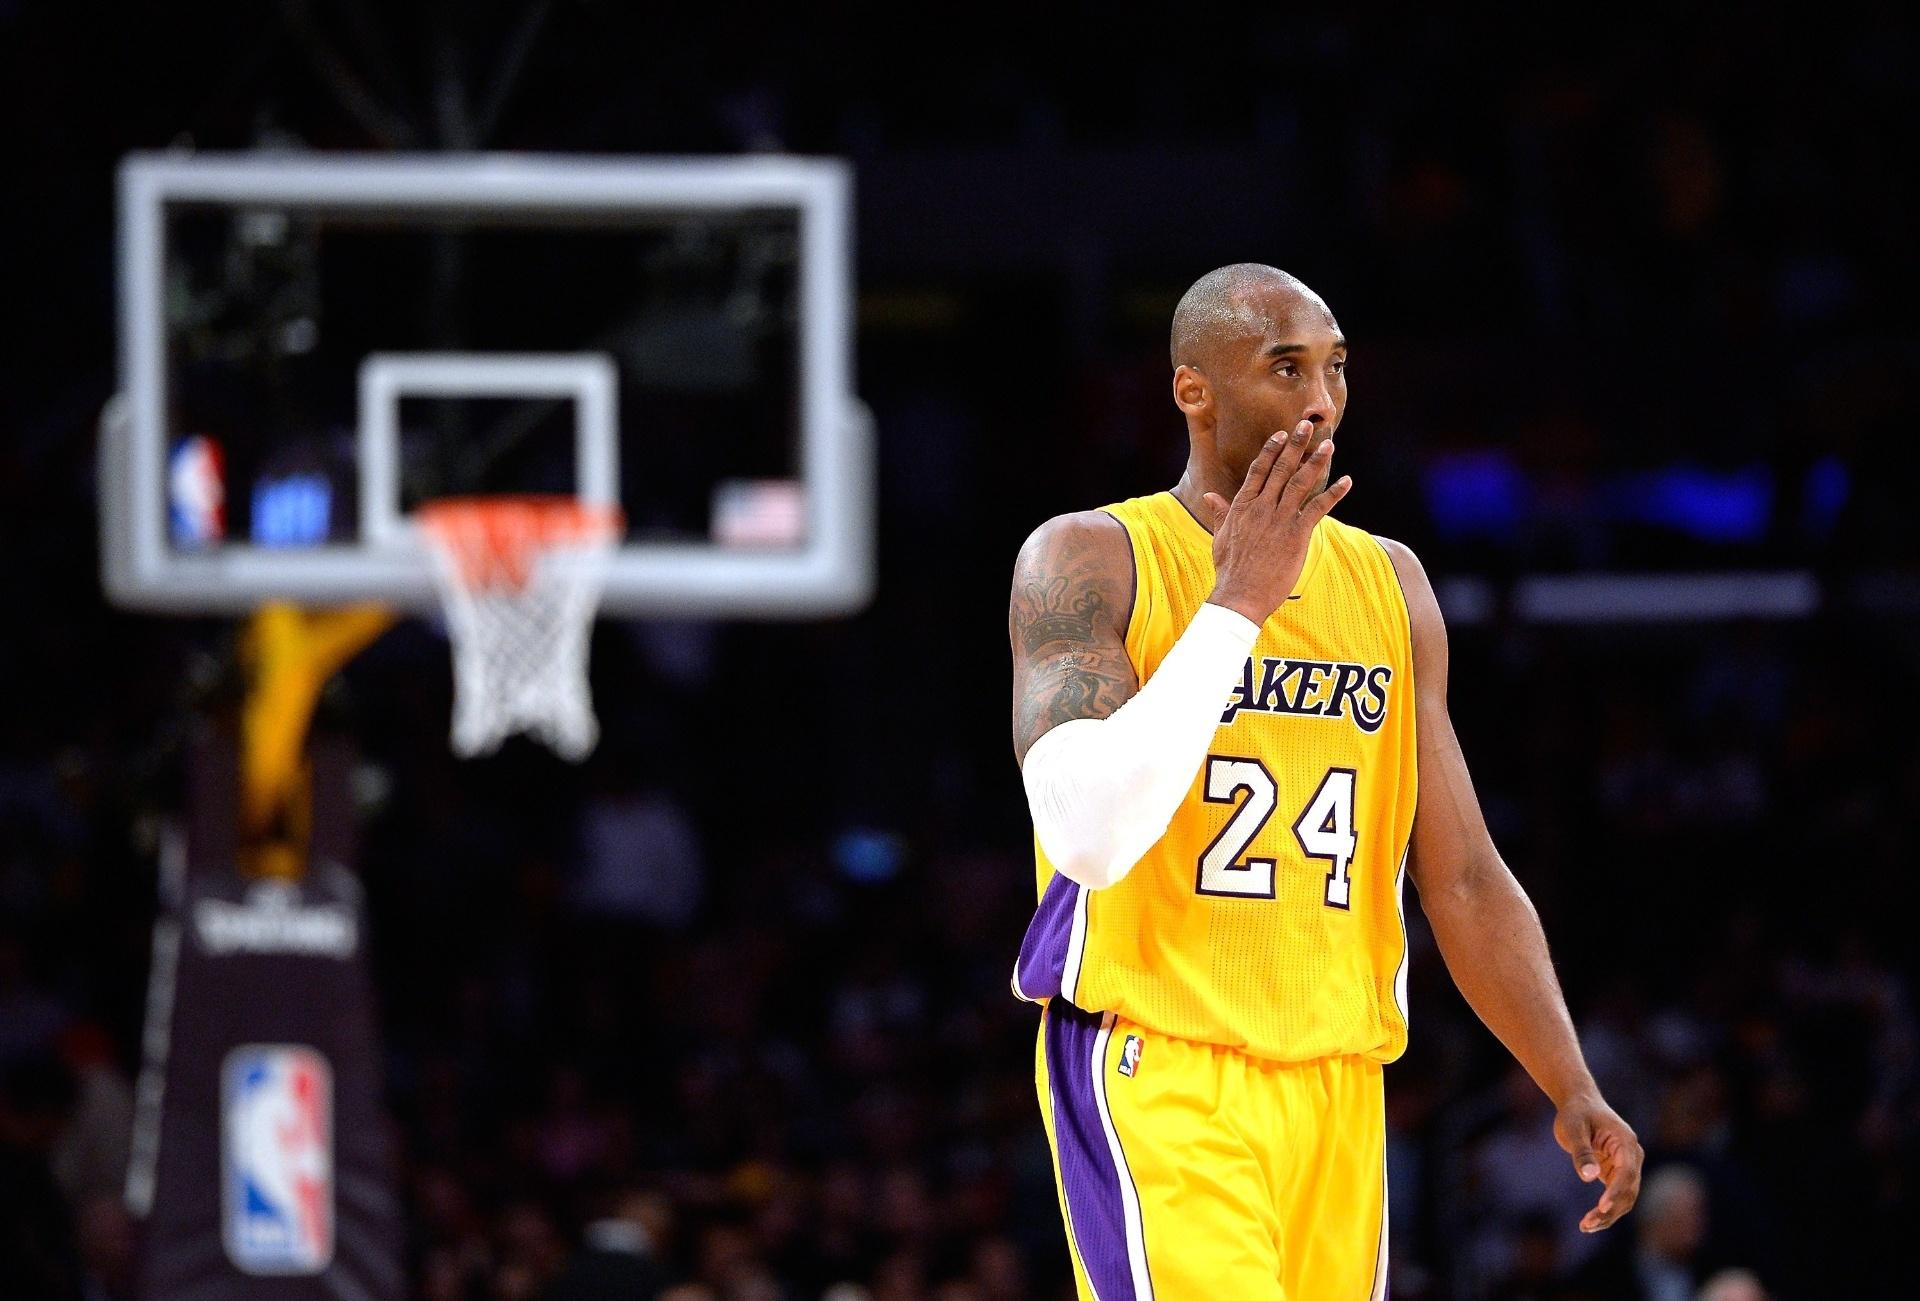 fe65d5d940f93 O que fez o astro Kobe Bryant se chamar de idiota - 27 08 2015 - UOL Esporte